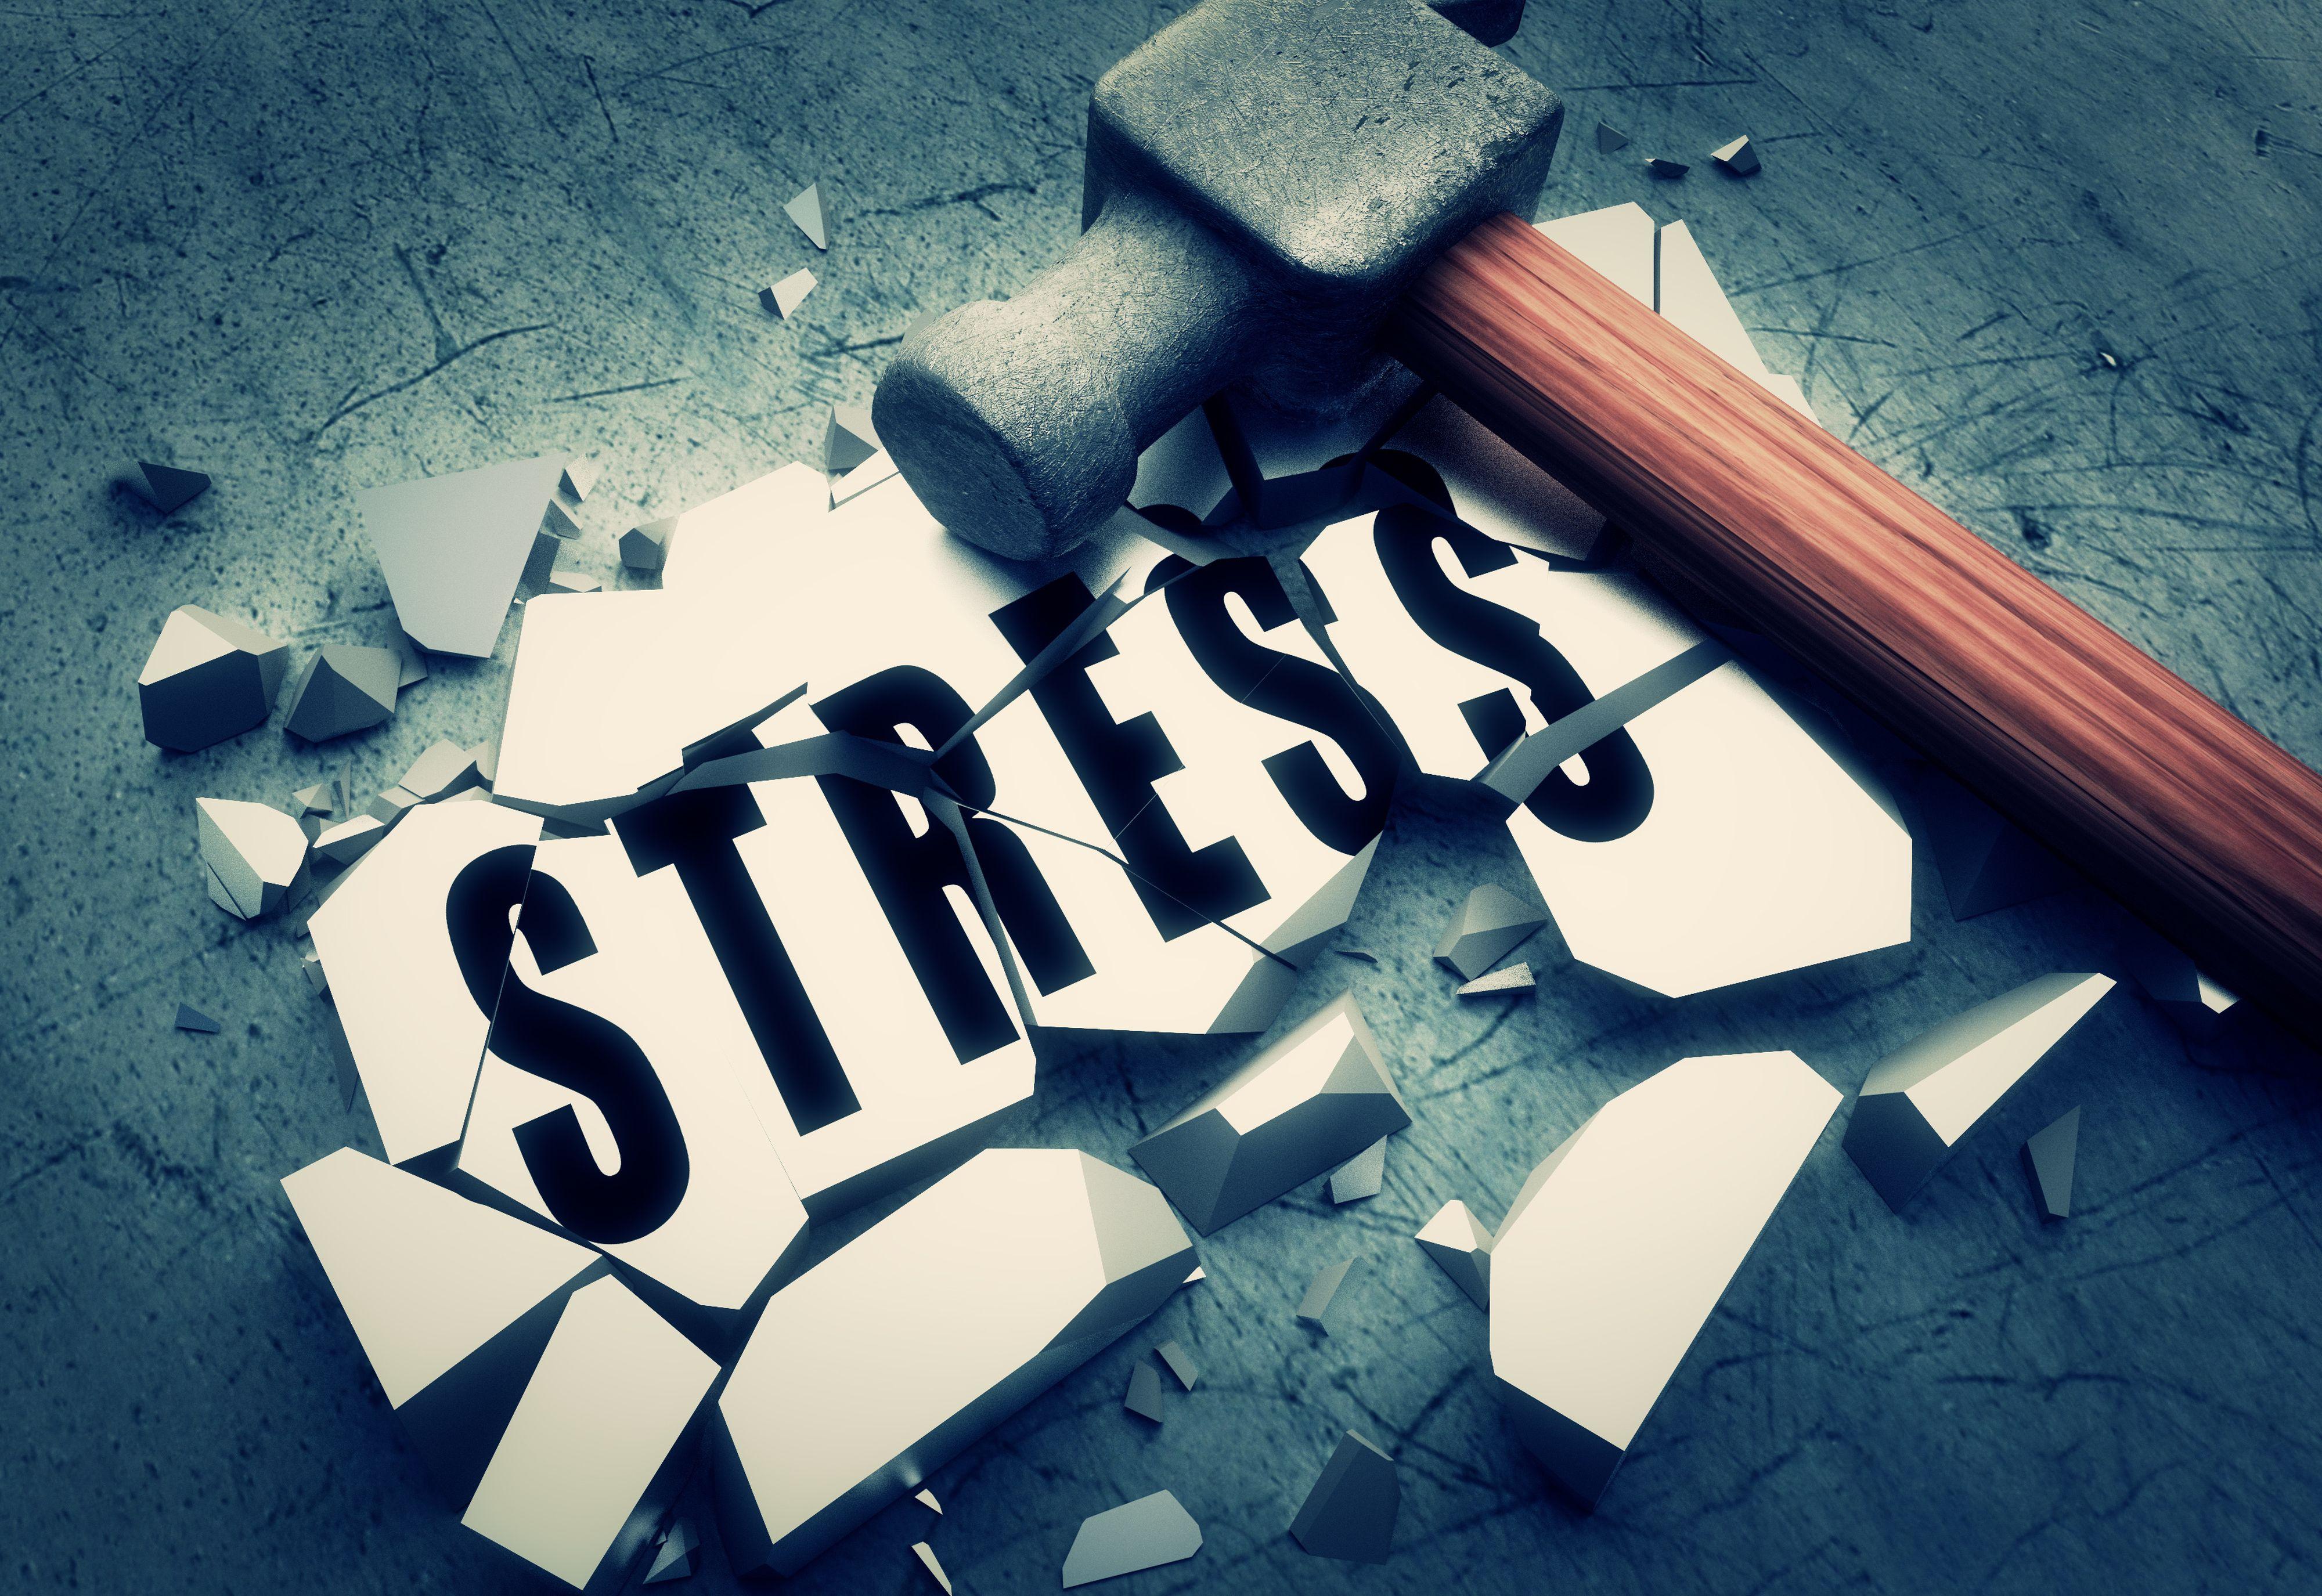 Pandemia koronawirusa jest dla wielu pracowników ogromnym obciążeniem psychicznym (Fot. Shutterstock)